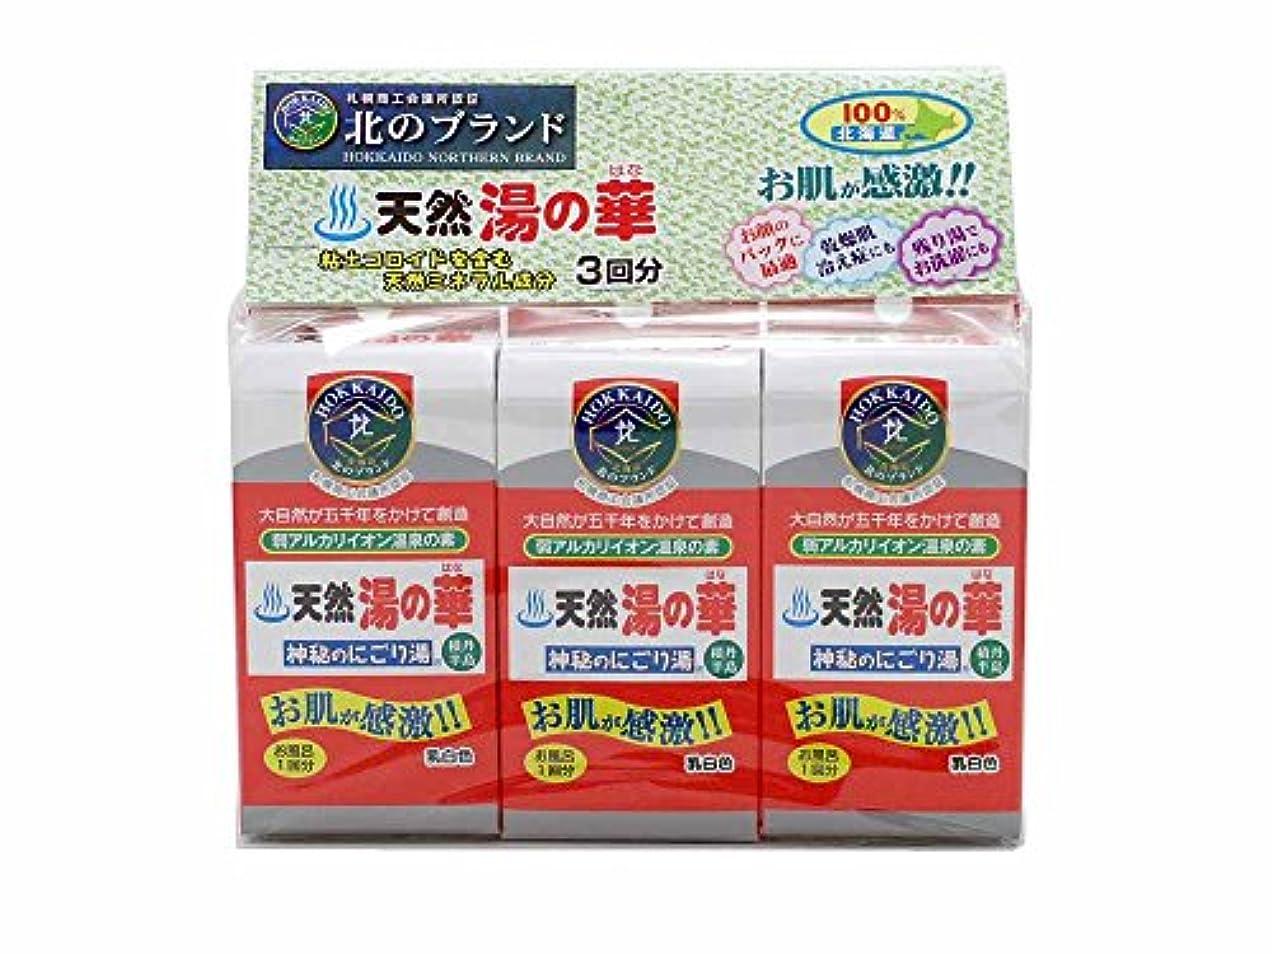 絶えず減らす船乗り【100%北海道】天然湯の華 3回分無添加